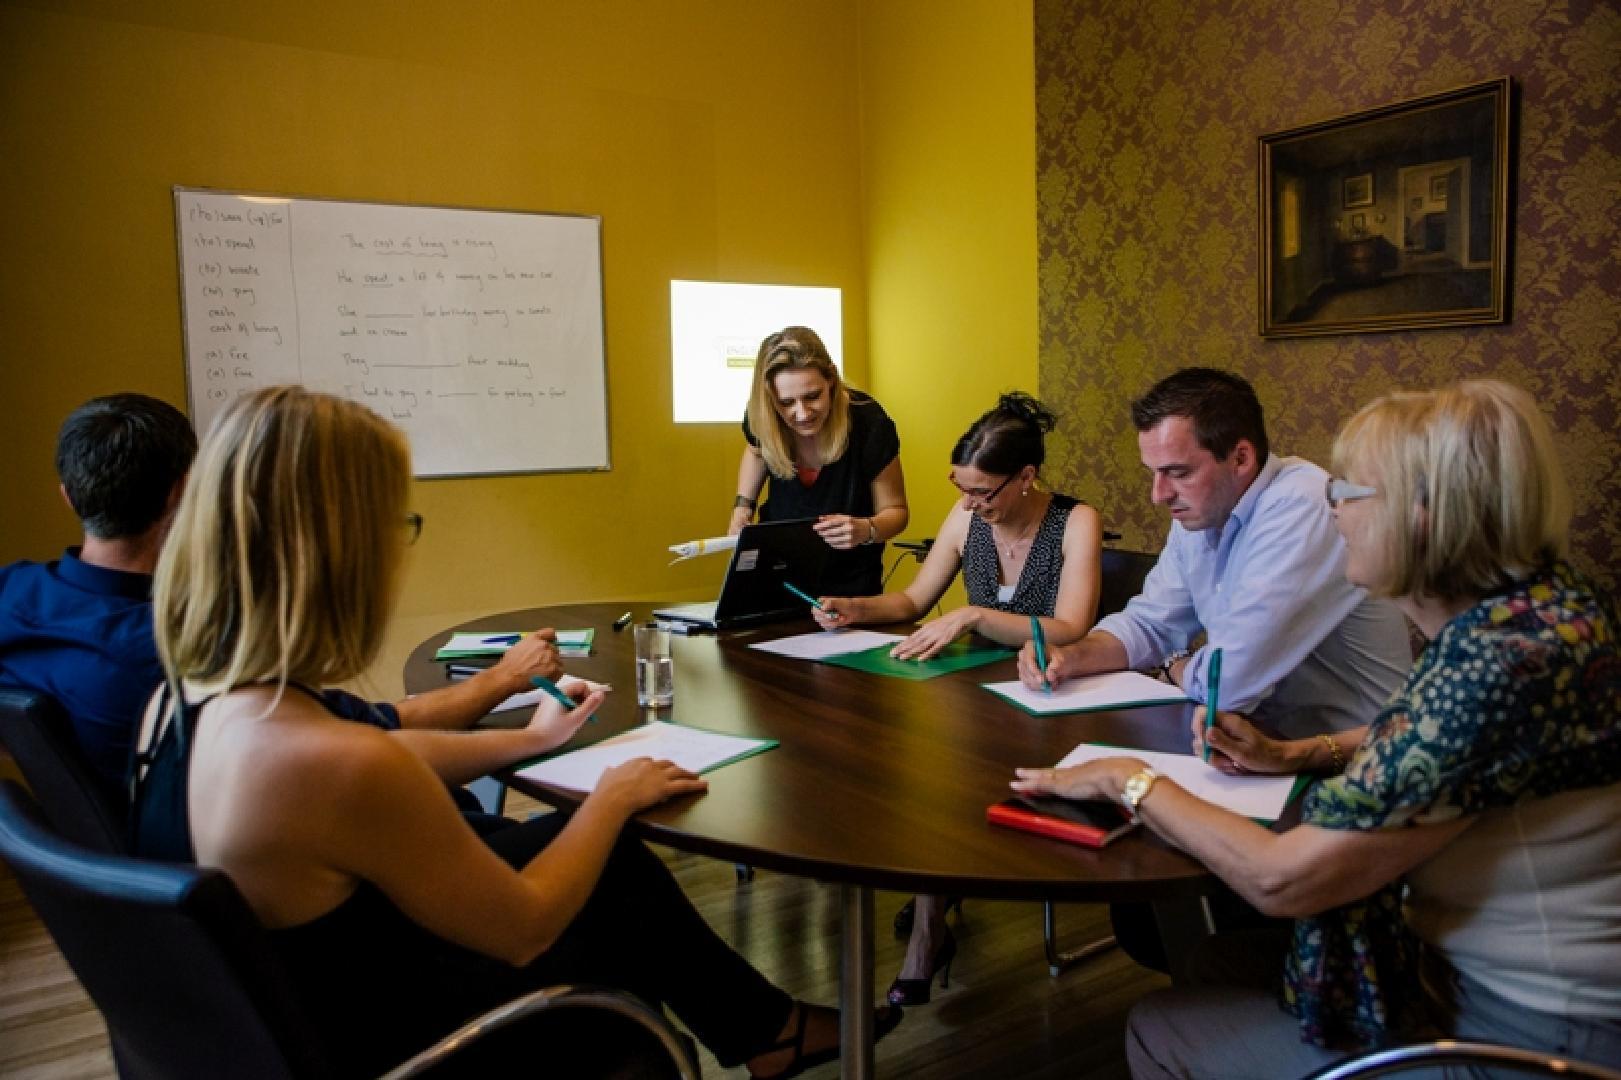 3 Seminarräume für 8-10 Personen